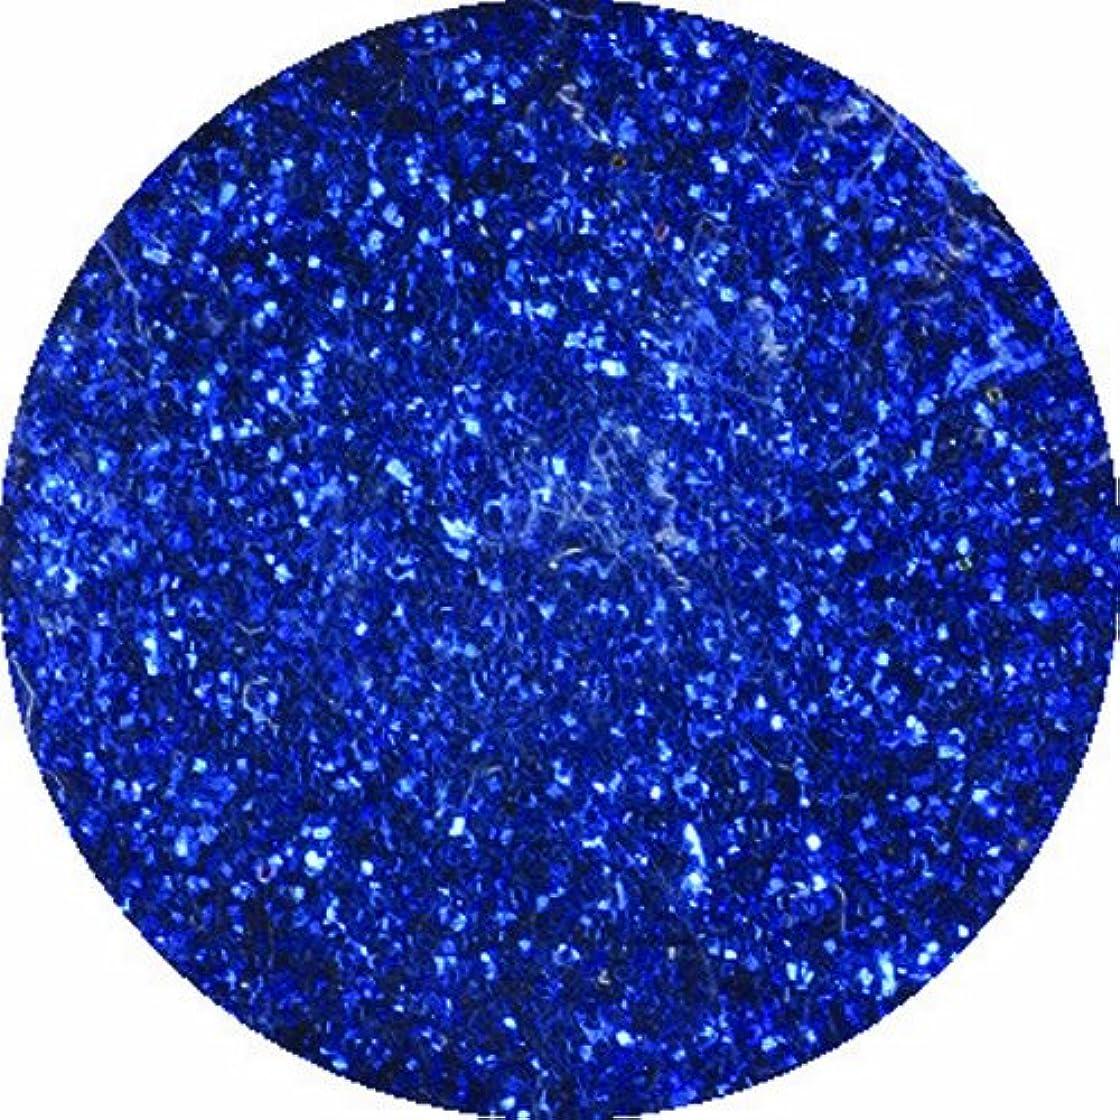 発音するフレッシュジャーナルビューティーネイラー ネイル用パウダー 黒崎えり子 ジュエリーコレクション ブルー0.05mm